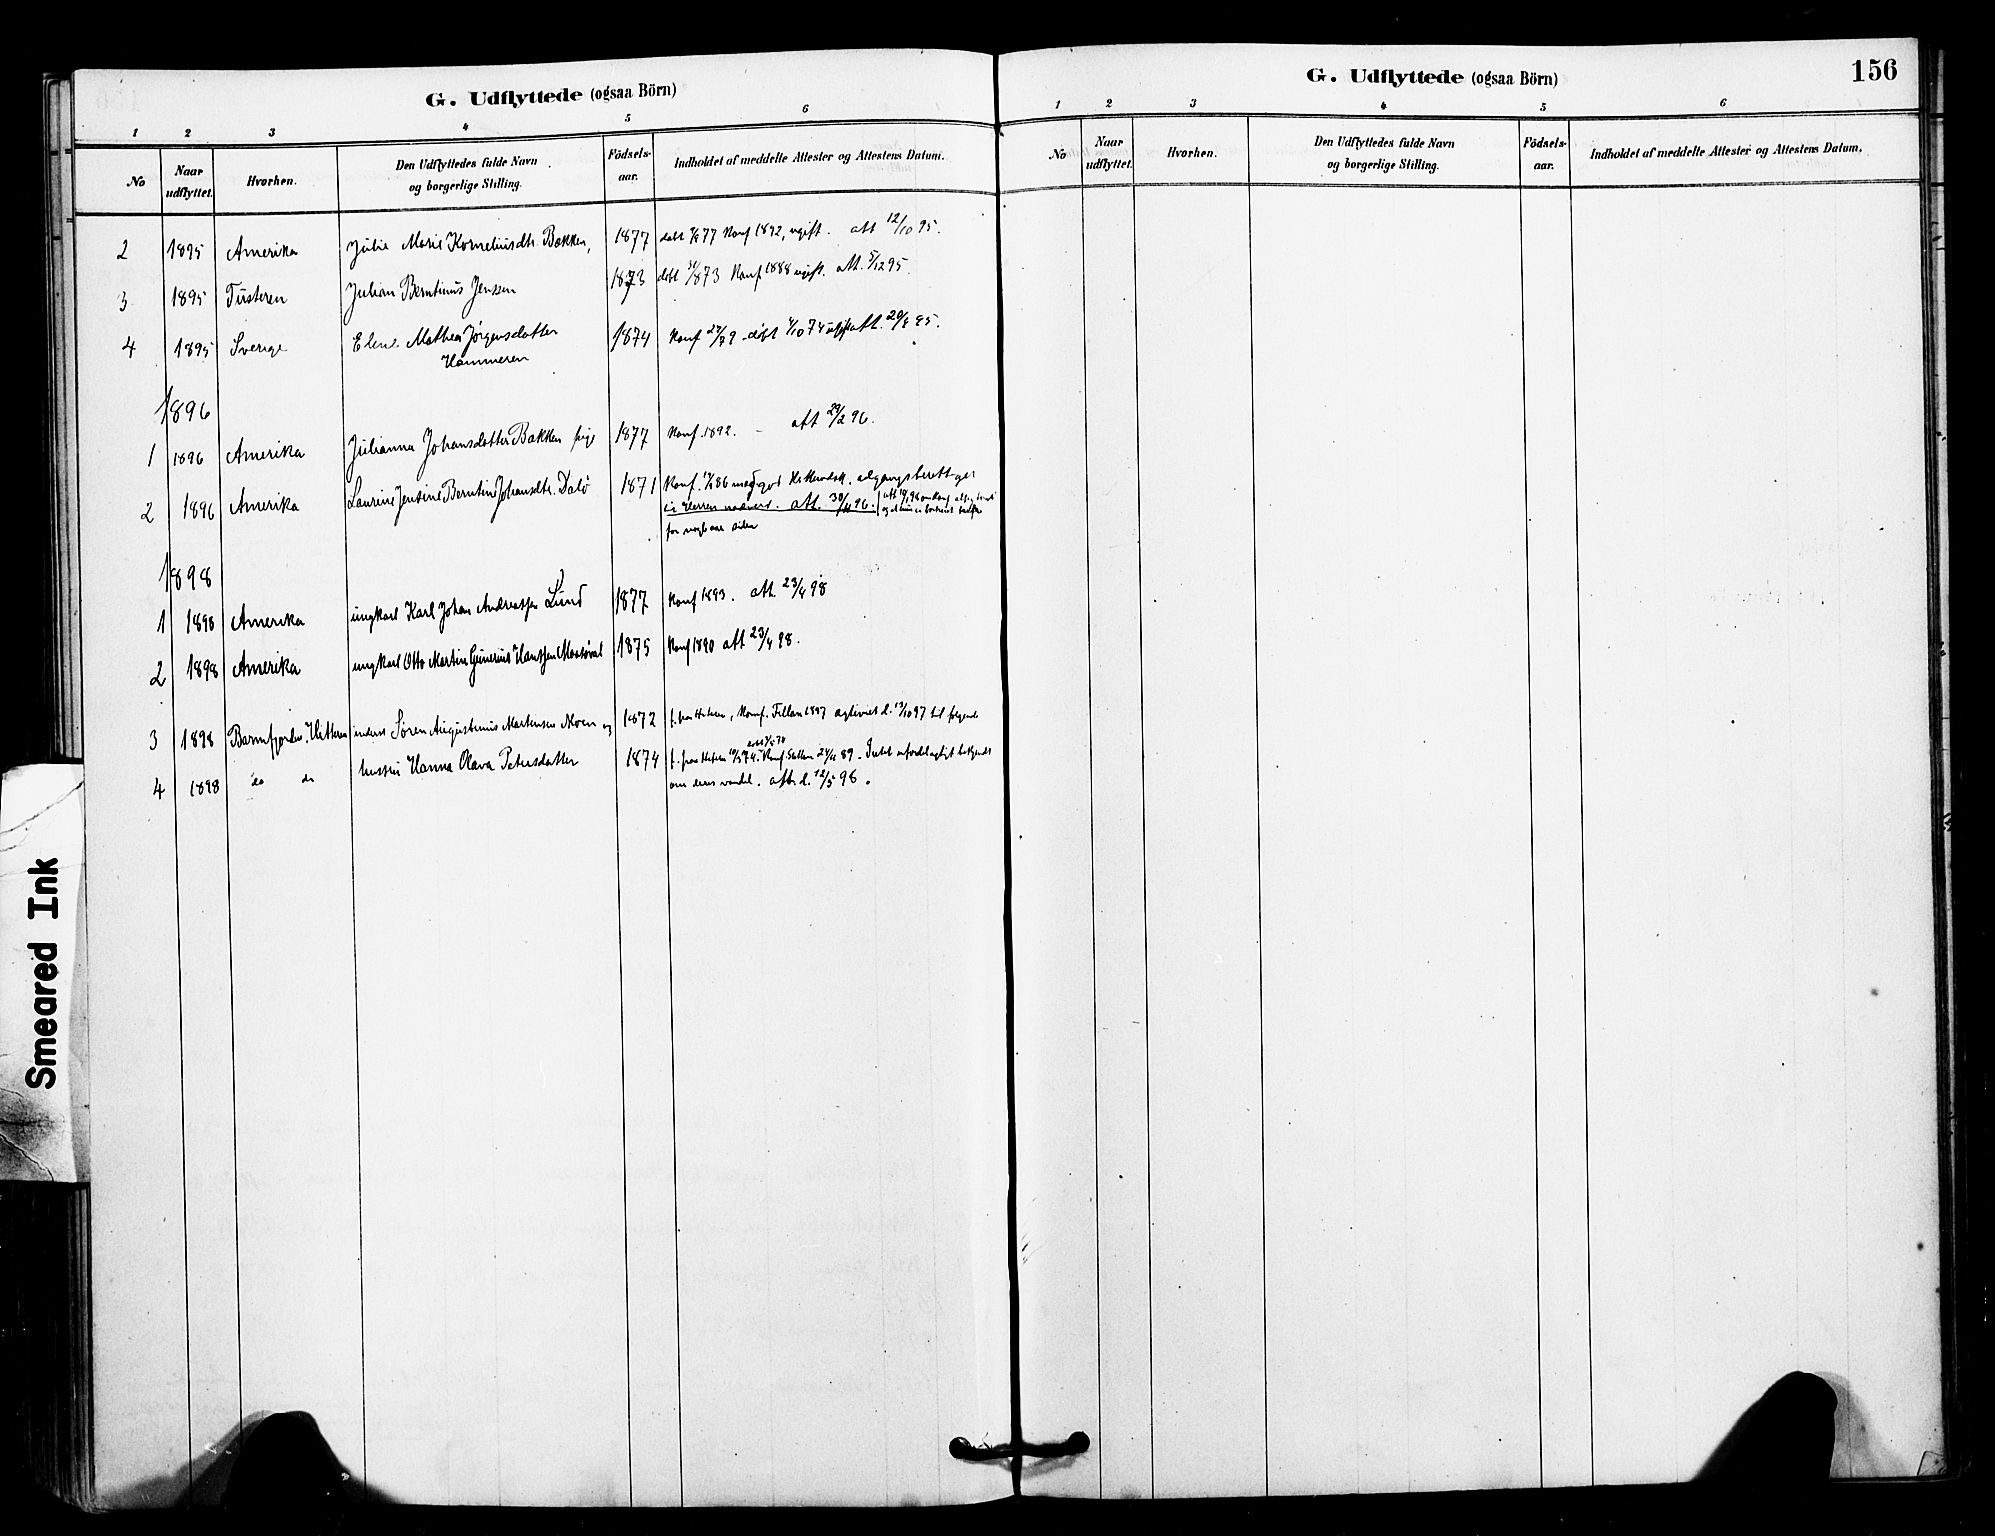 SAT, Ministerialprotokoller, klokkerbøker og fødselsregistre - Sør-Trøndelag, 641/L0595: Ministerialbok nr. 641A01, 1882-1897, s. 156